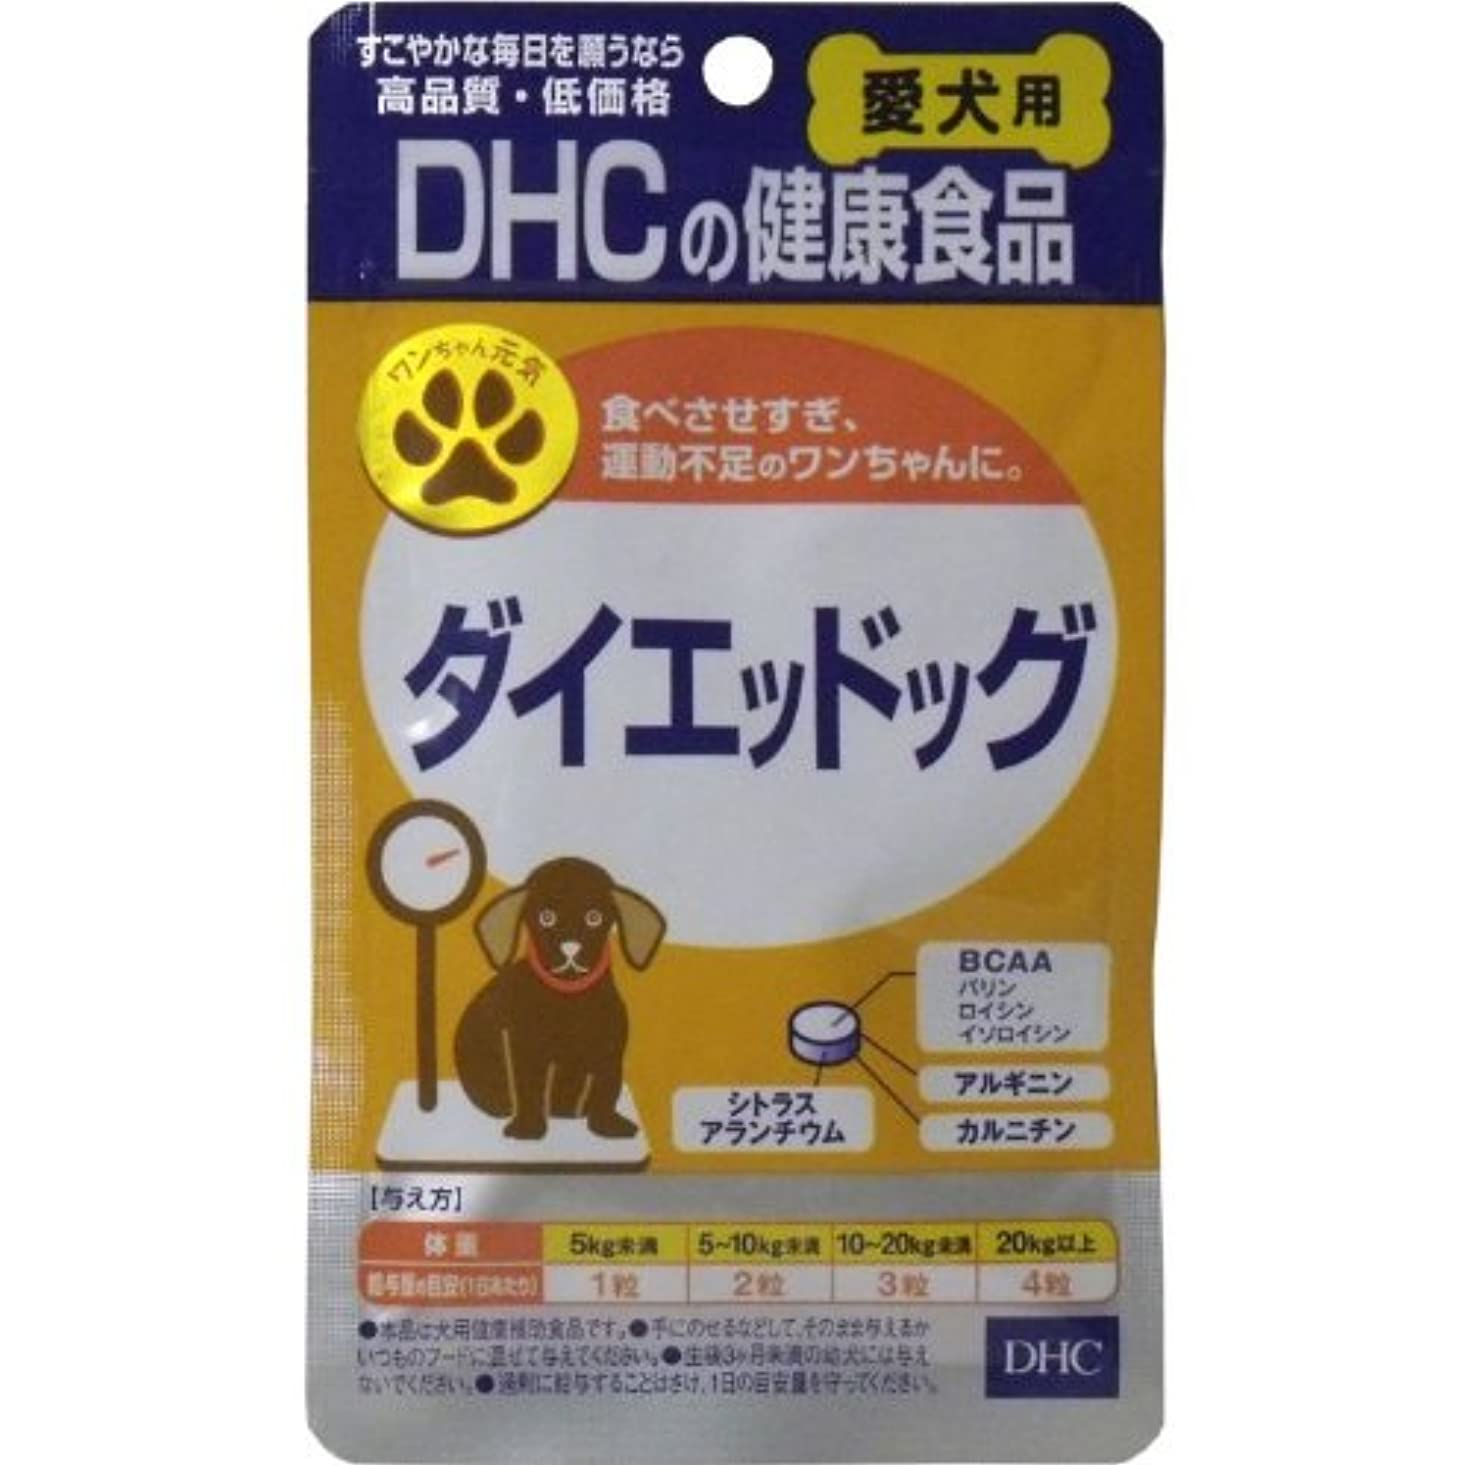 ヒューズ多くの危険がある状況哺乳類ペット用品 ペットサプリメント ダイエット 健康 食品 犬用